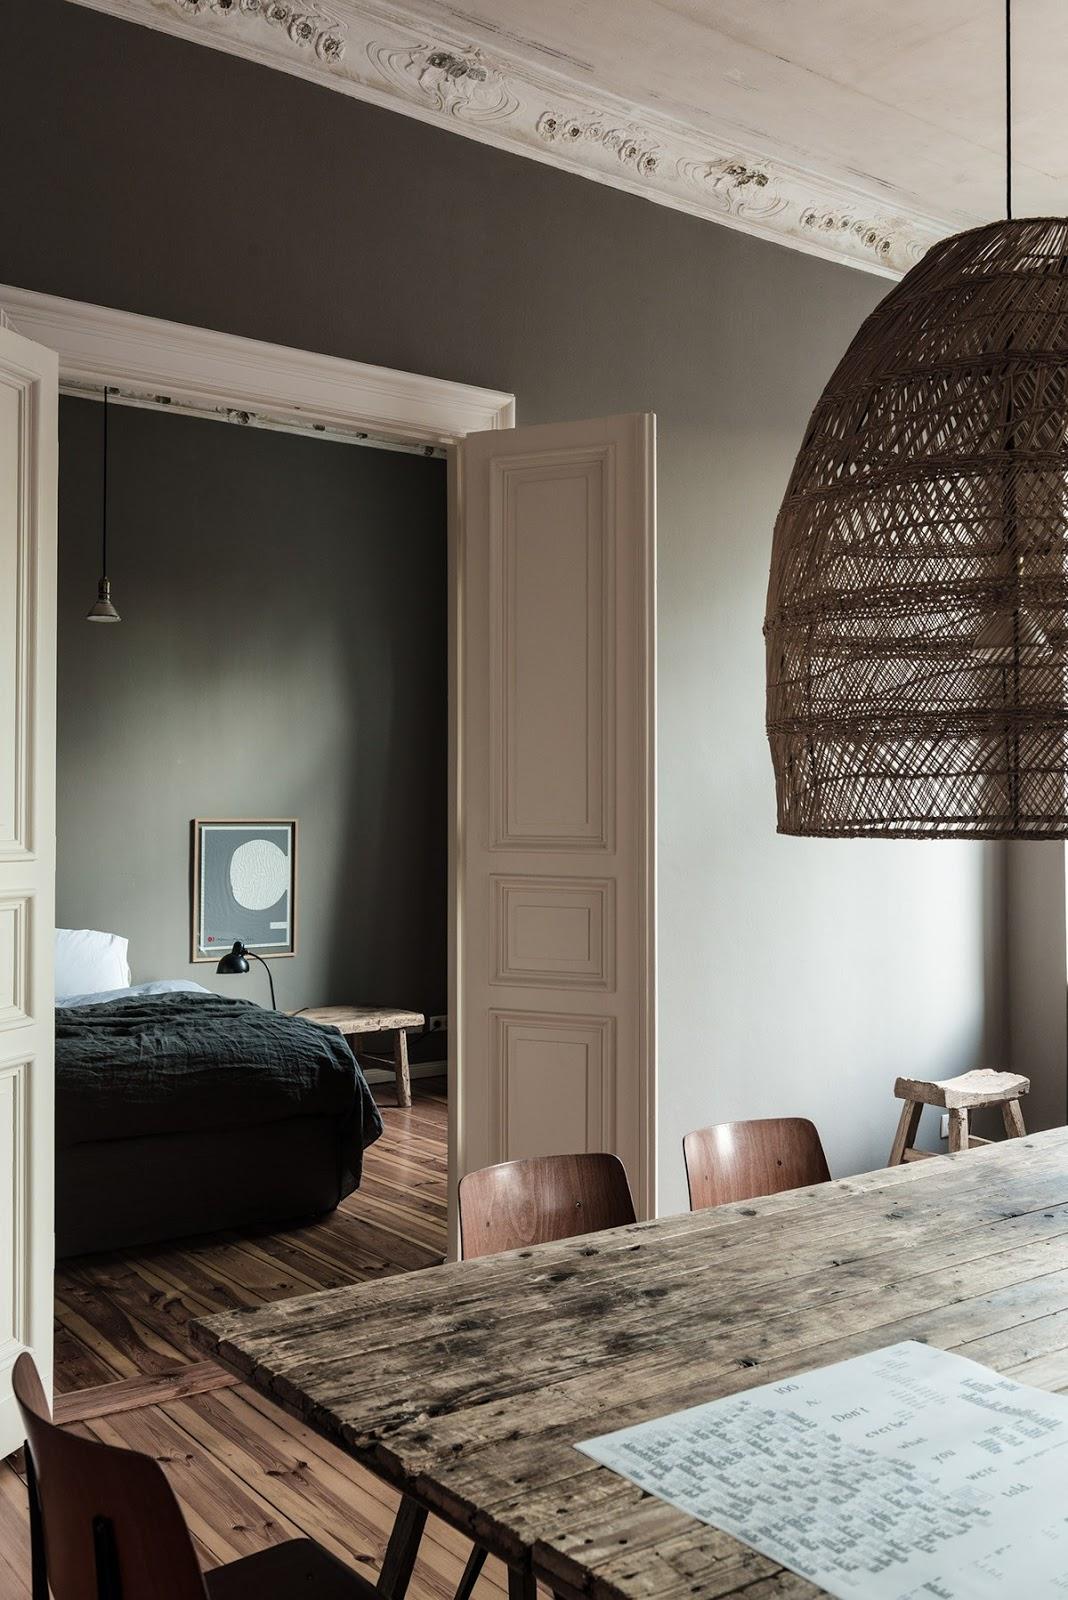 Interior Design - BLOG ARREDAMENTO - Part 31